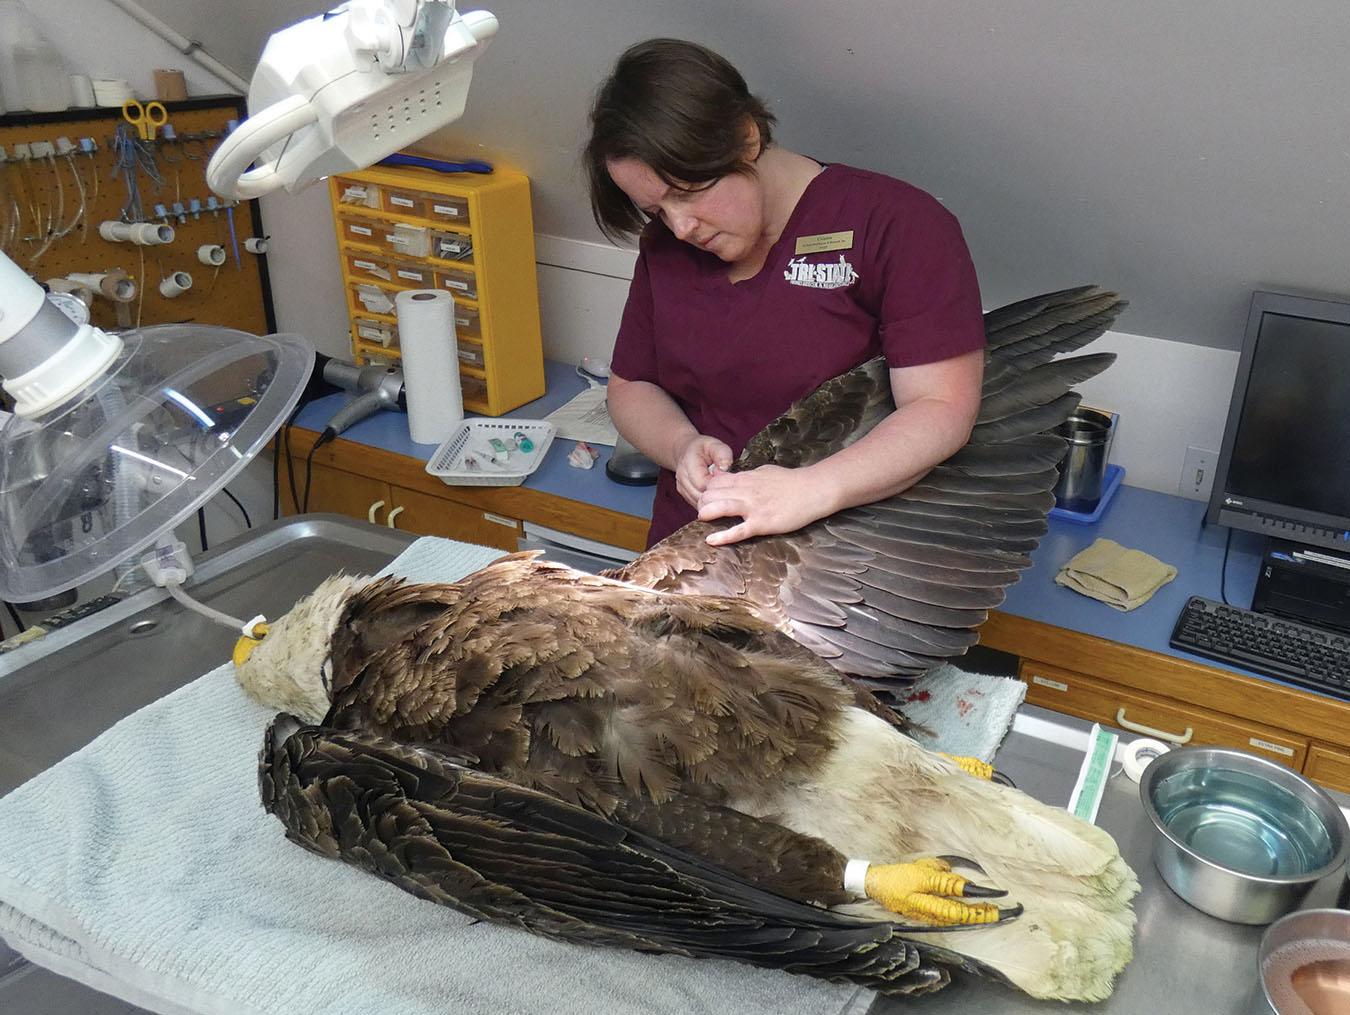 Die Wildtierärztin Cristin Kelley von Tri-State Bird Rescue & Research in Delaware nähte den verletzten Flügel eines Weißkopfseeadlers, während er im Mai 2019 unter Narkose war. Der Vogel wurde auf einer Autobahn verletzt aufgefunden und nach seiner Genesung freigelassen.  Foto von Tri-State Bird Rescue & Research